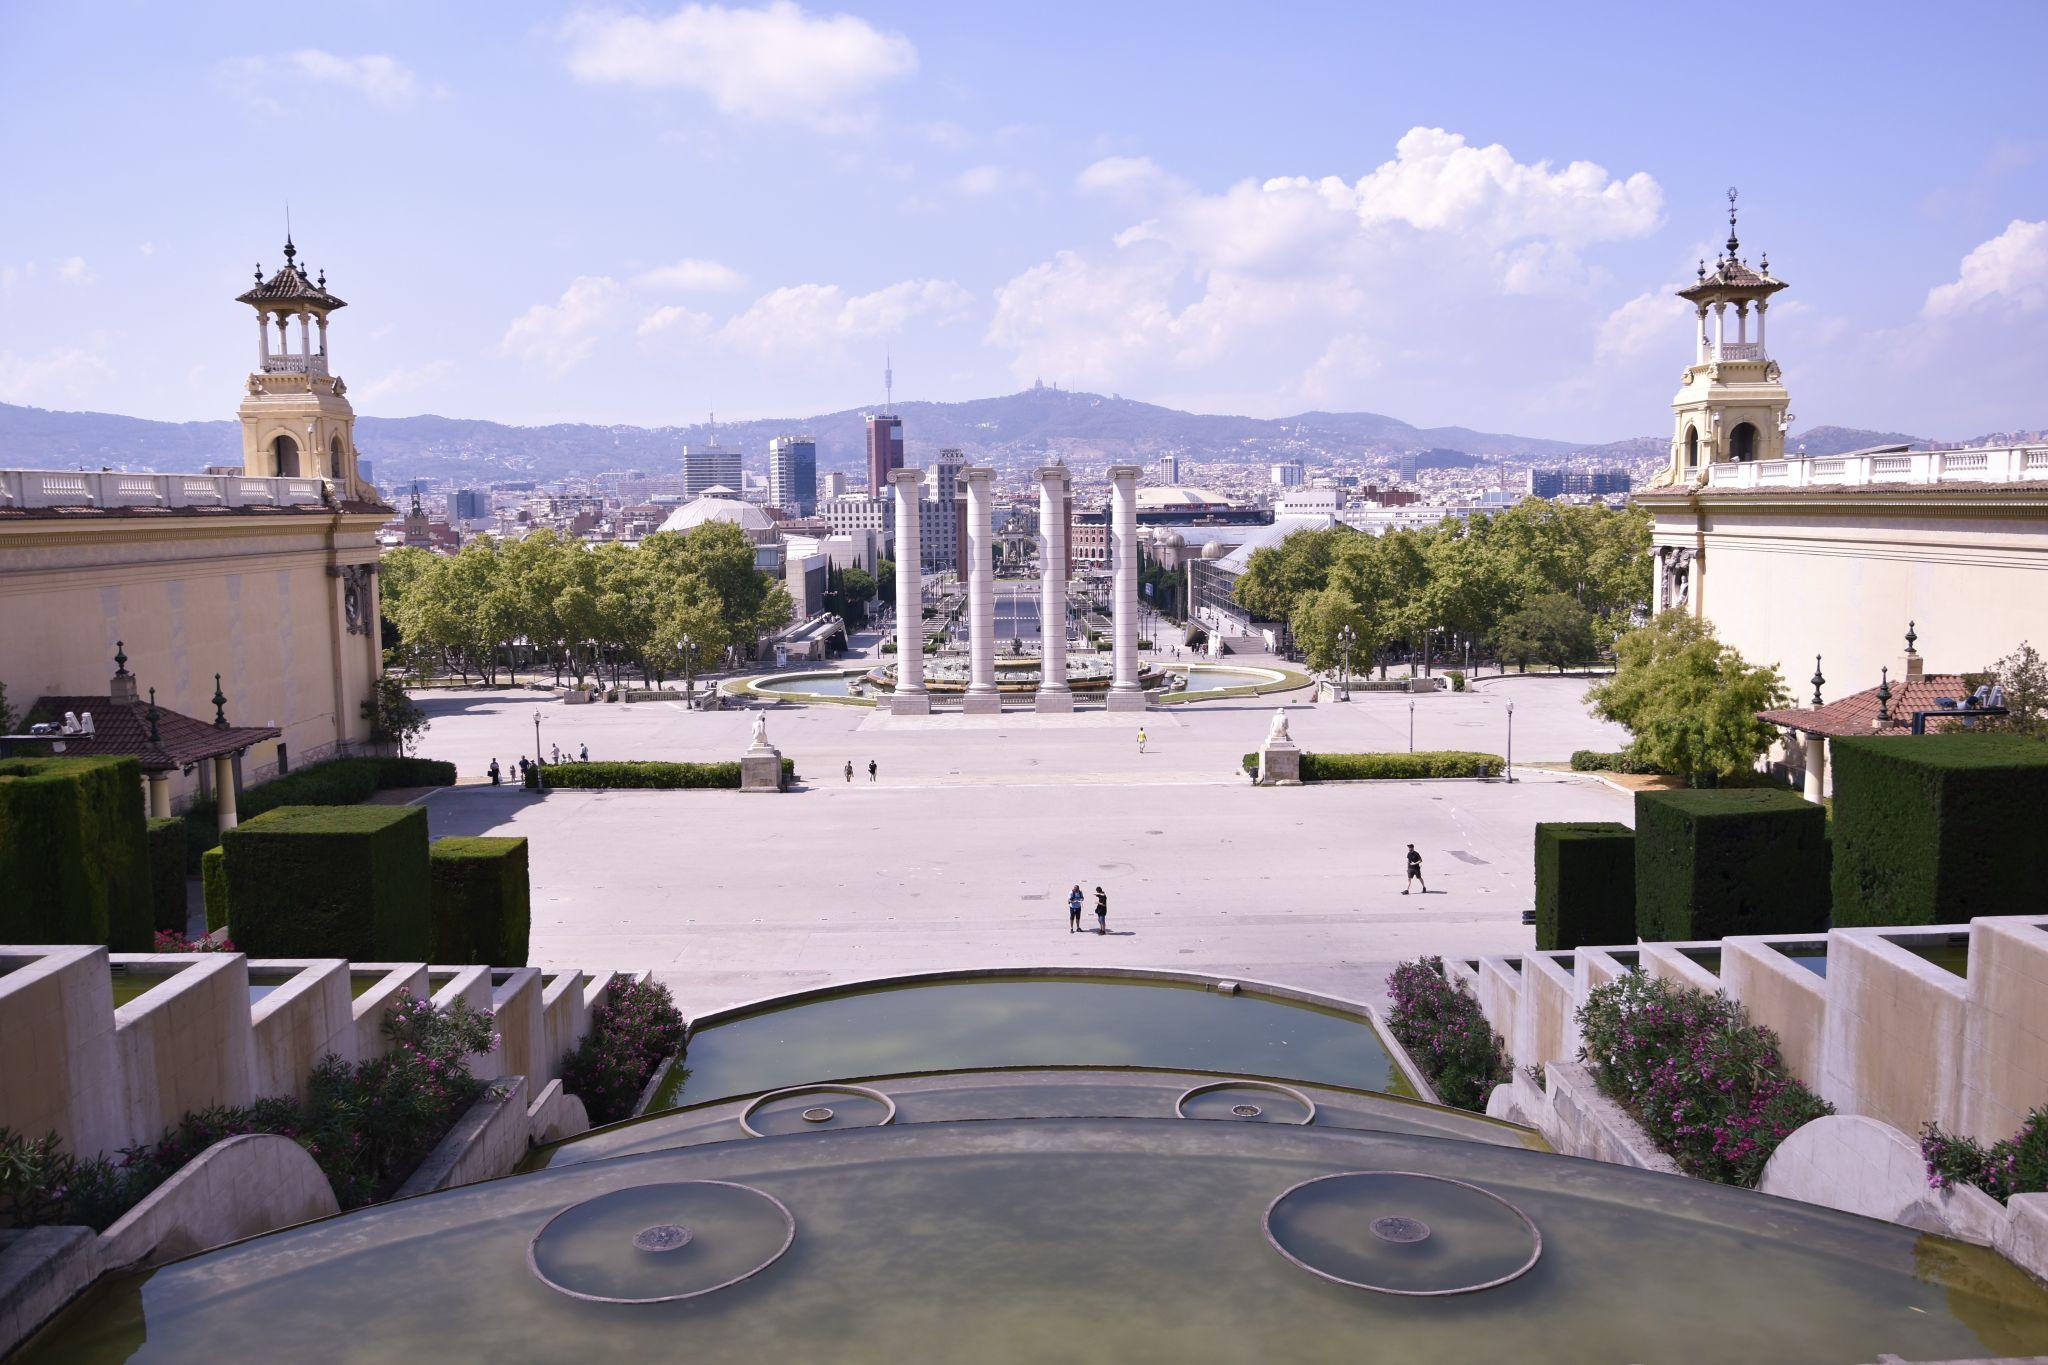 Plaça de les Cascades, Spain